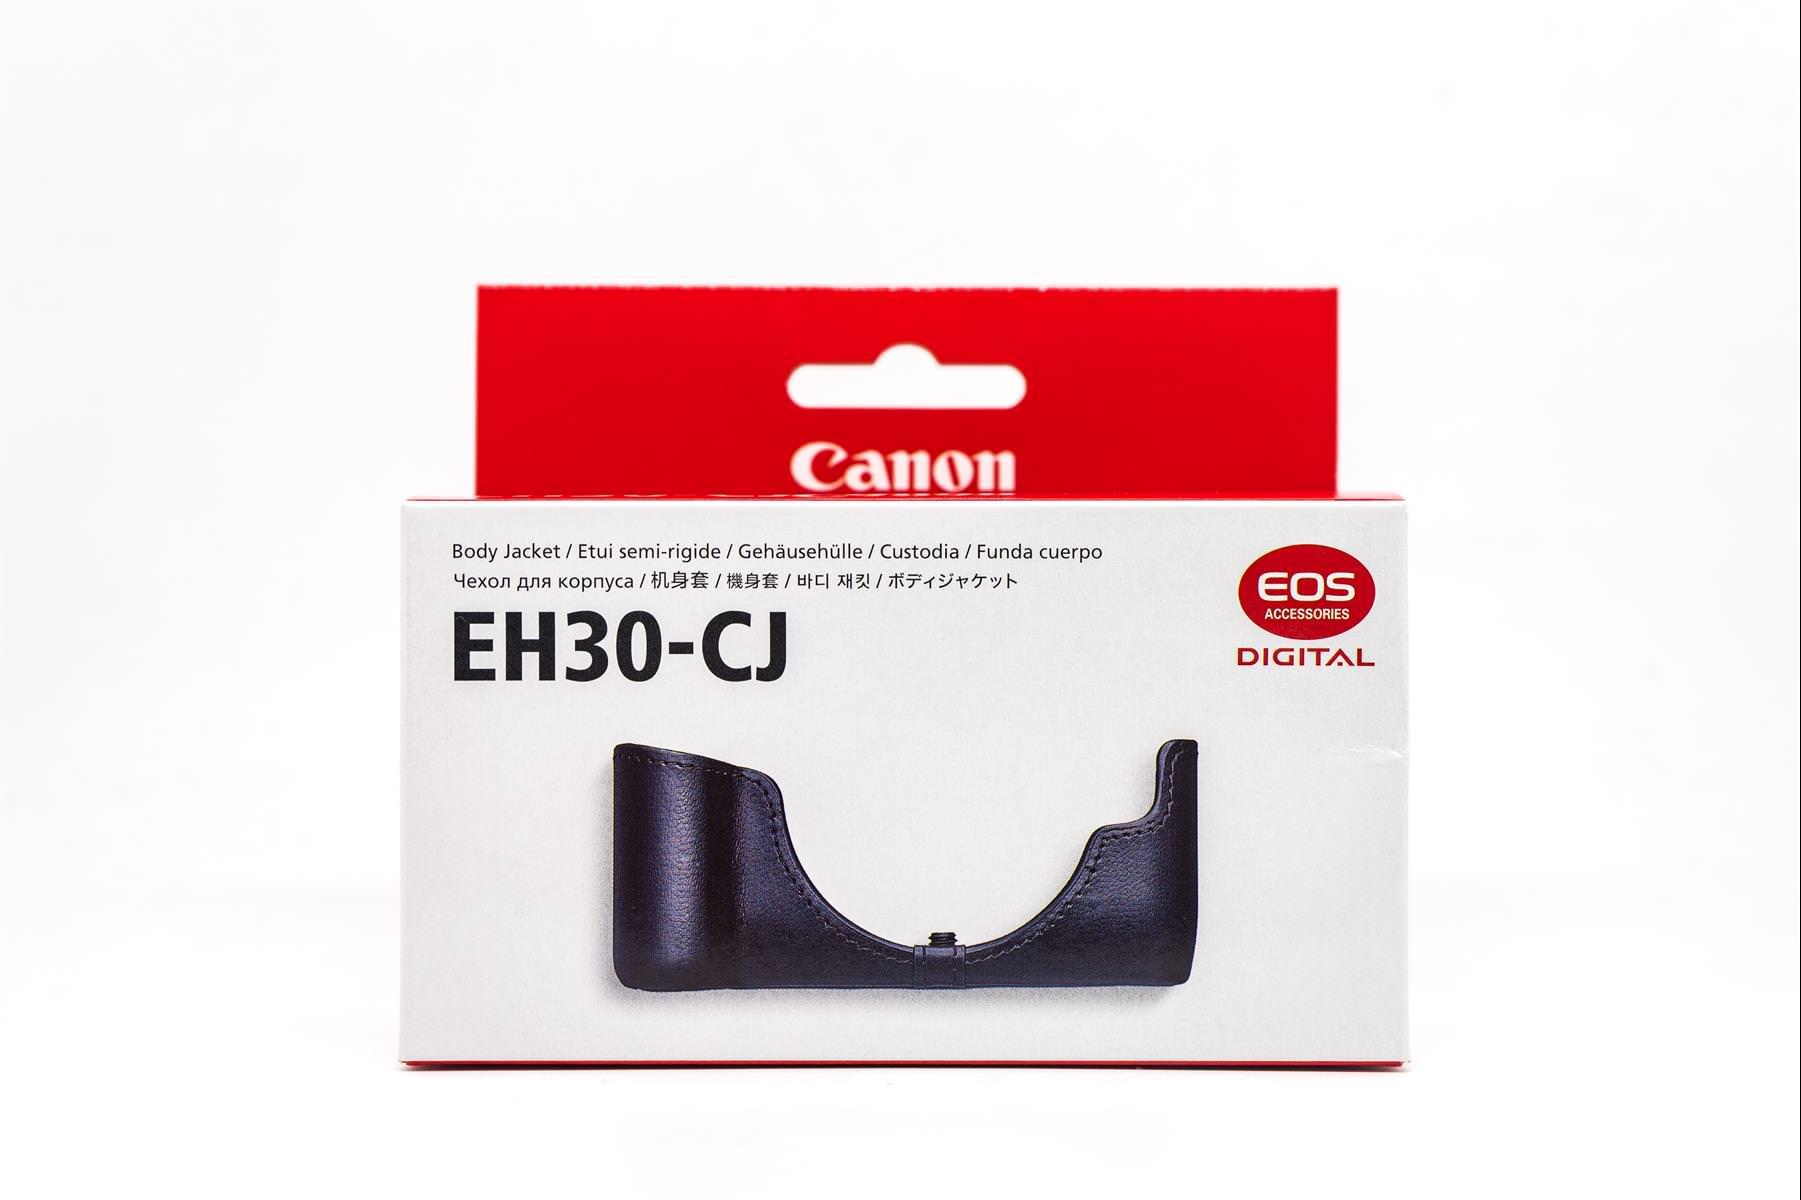 EH30-CJ